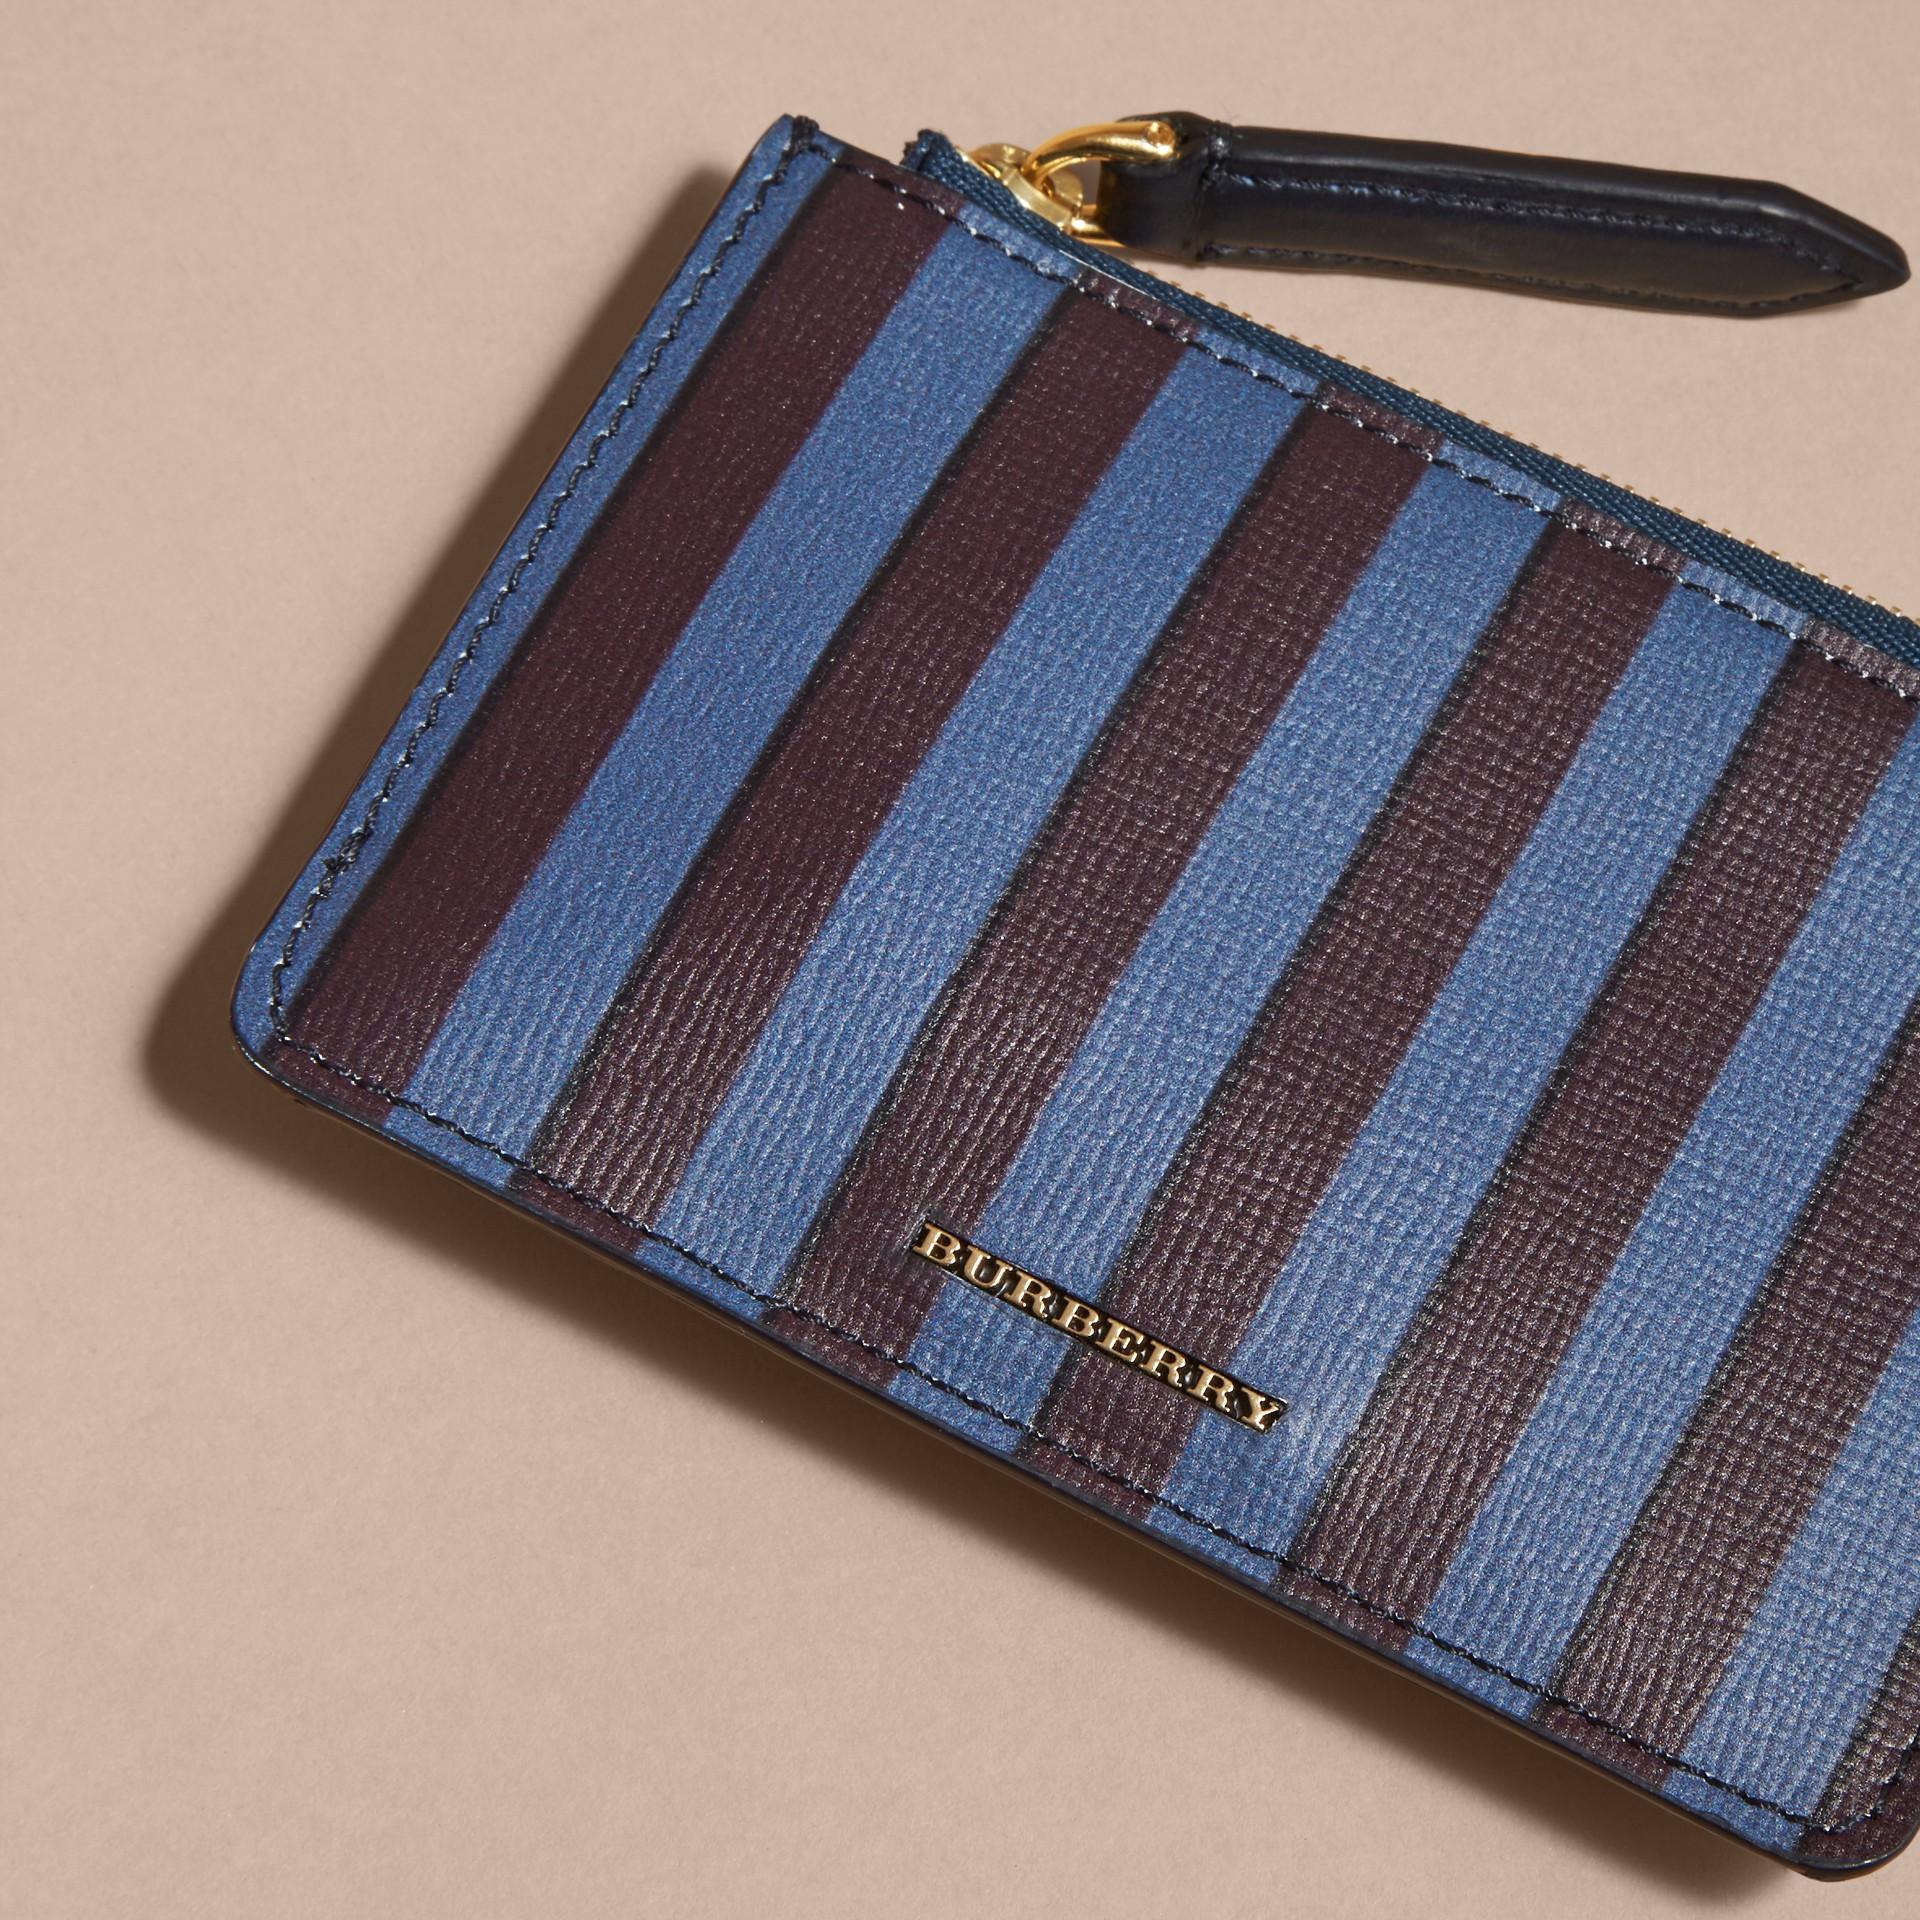 Brieftasche aus London-Leder mit Pyjamastreifenmuster und Reißverschluss - Galerie-Bild 3